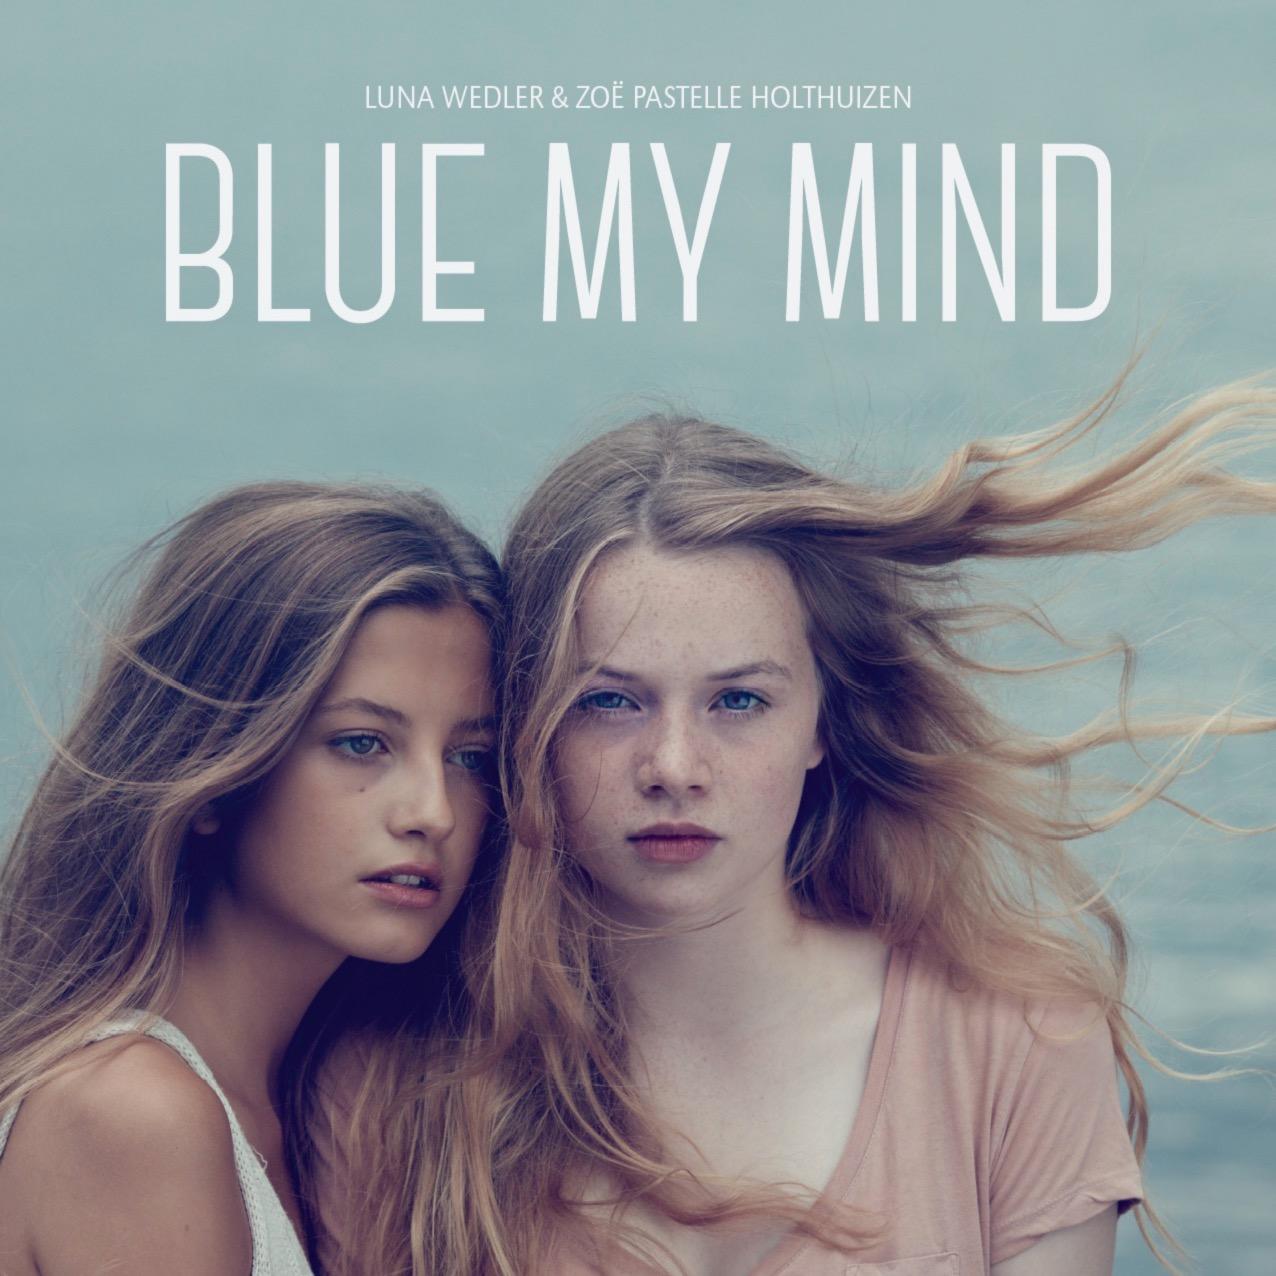 Blue my mind, Spielfilm